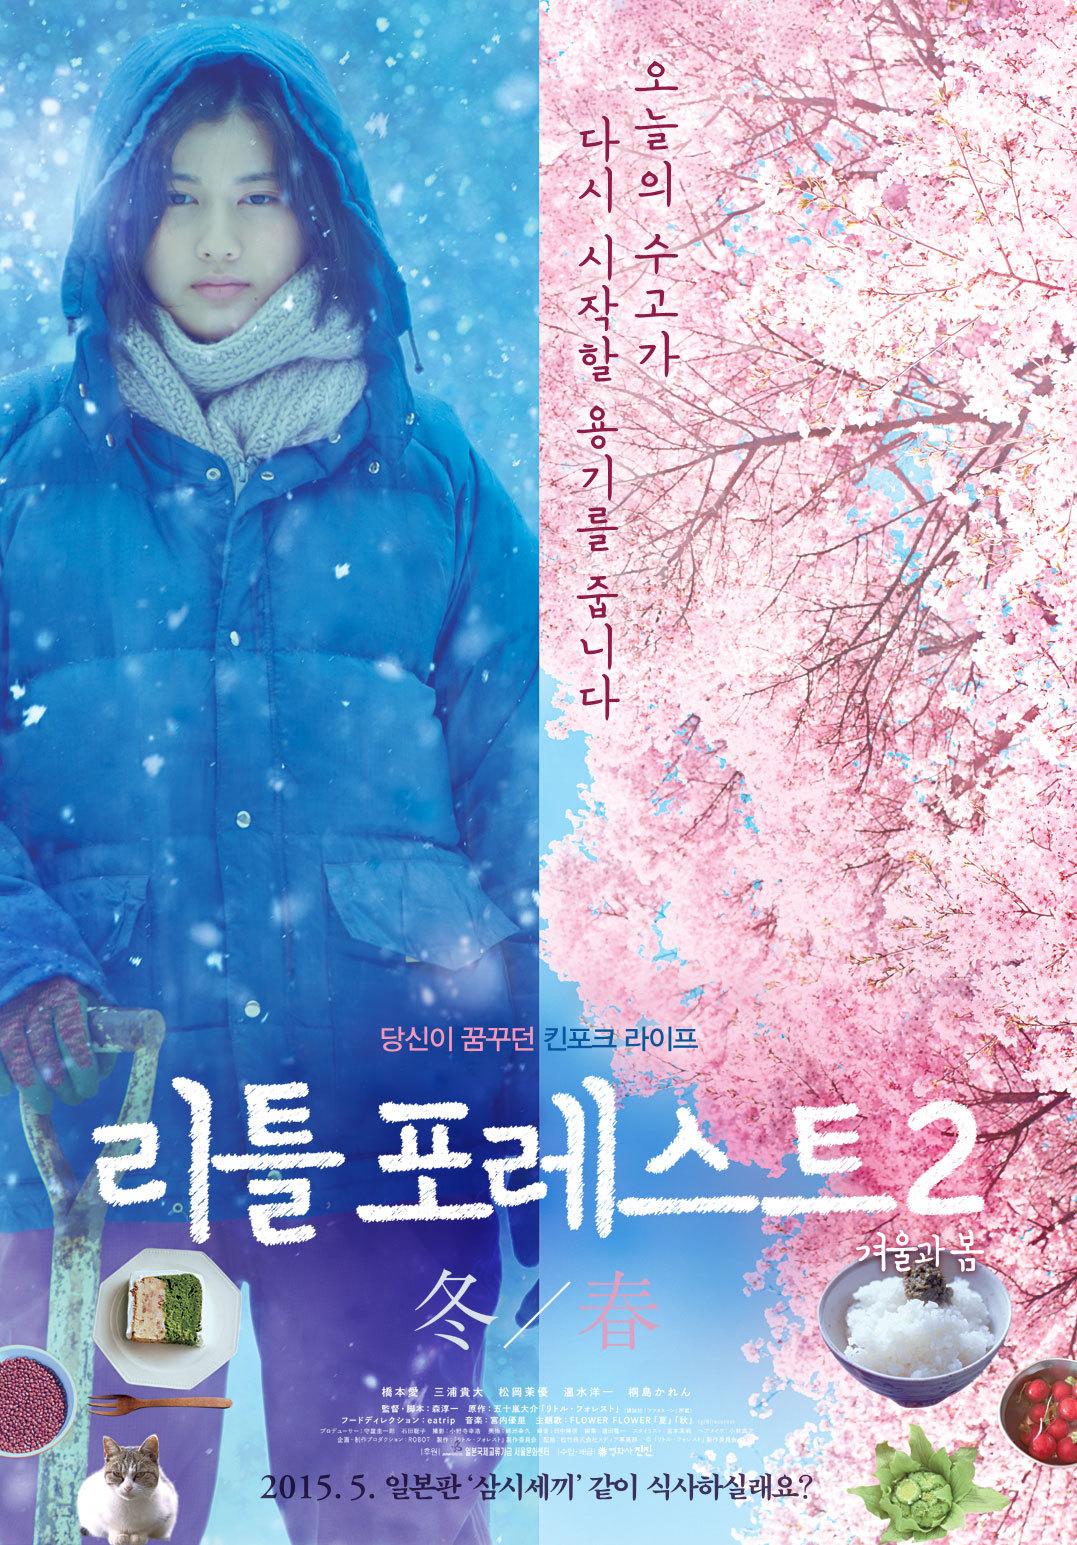 리틀 포레스트 2 : 겨울과 봄 (Little Forest: Winter&Spring, 2015)